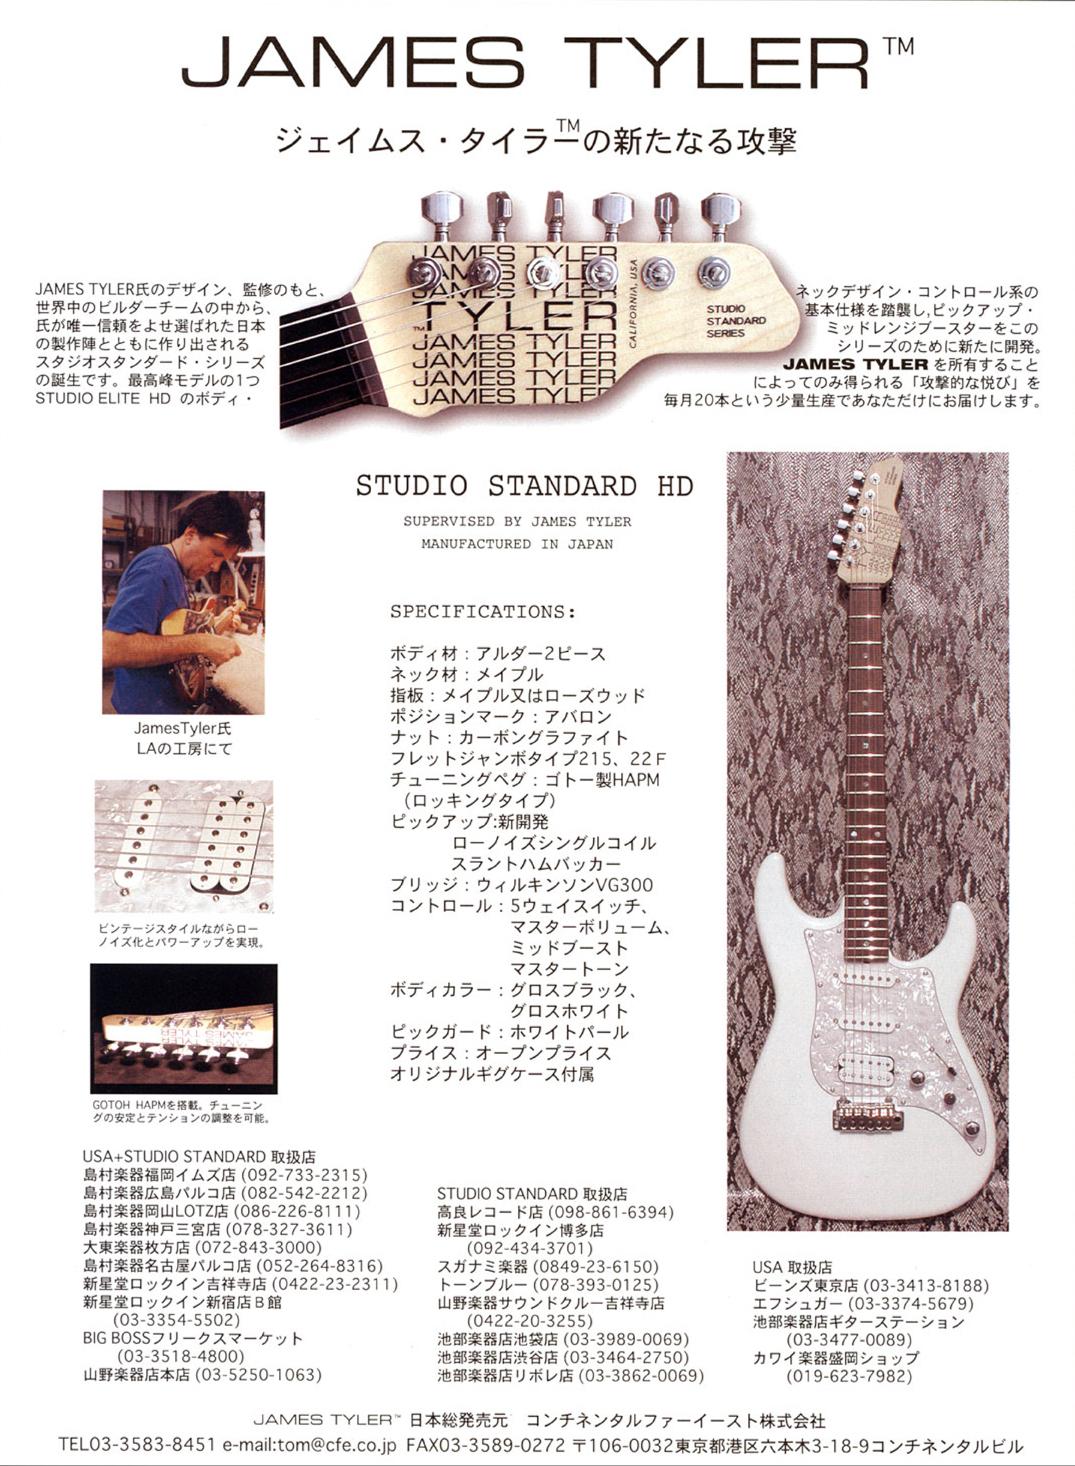 Copy of 2002 Guitar Magazine